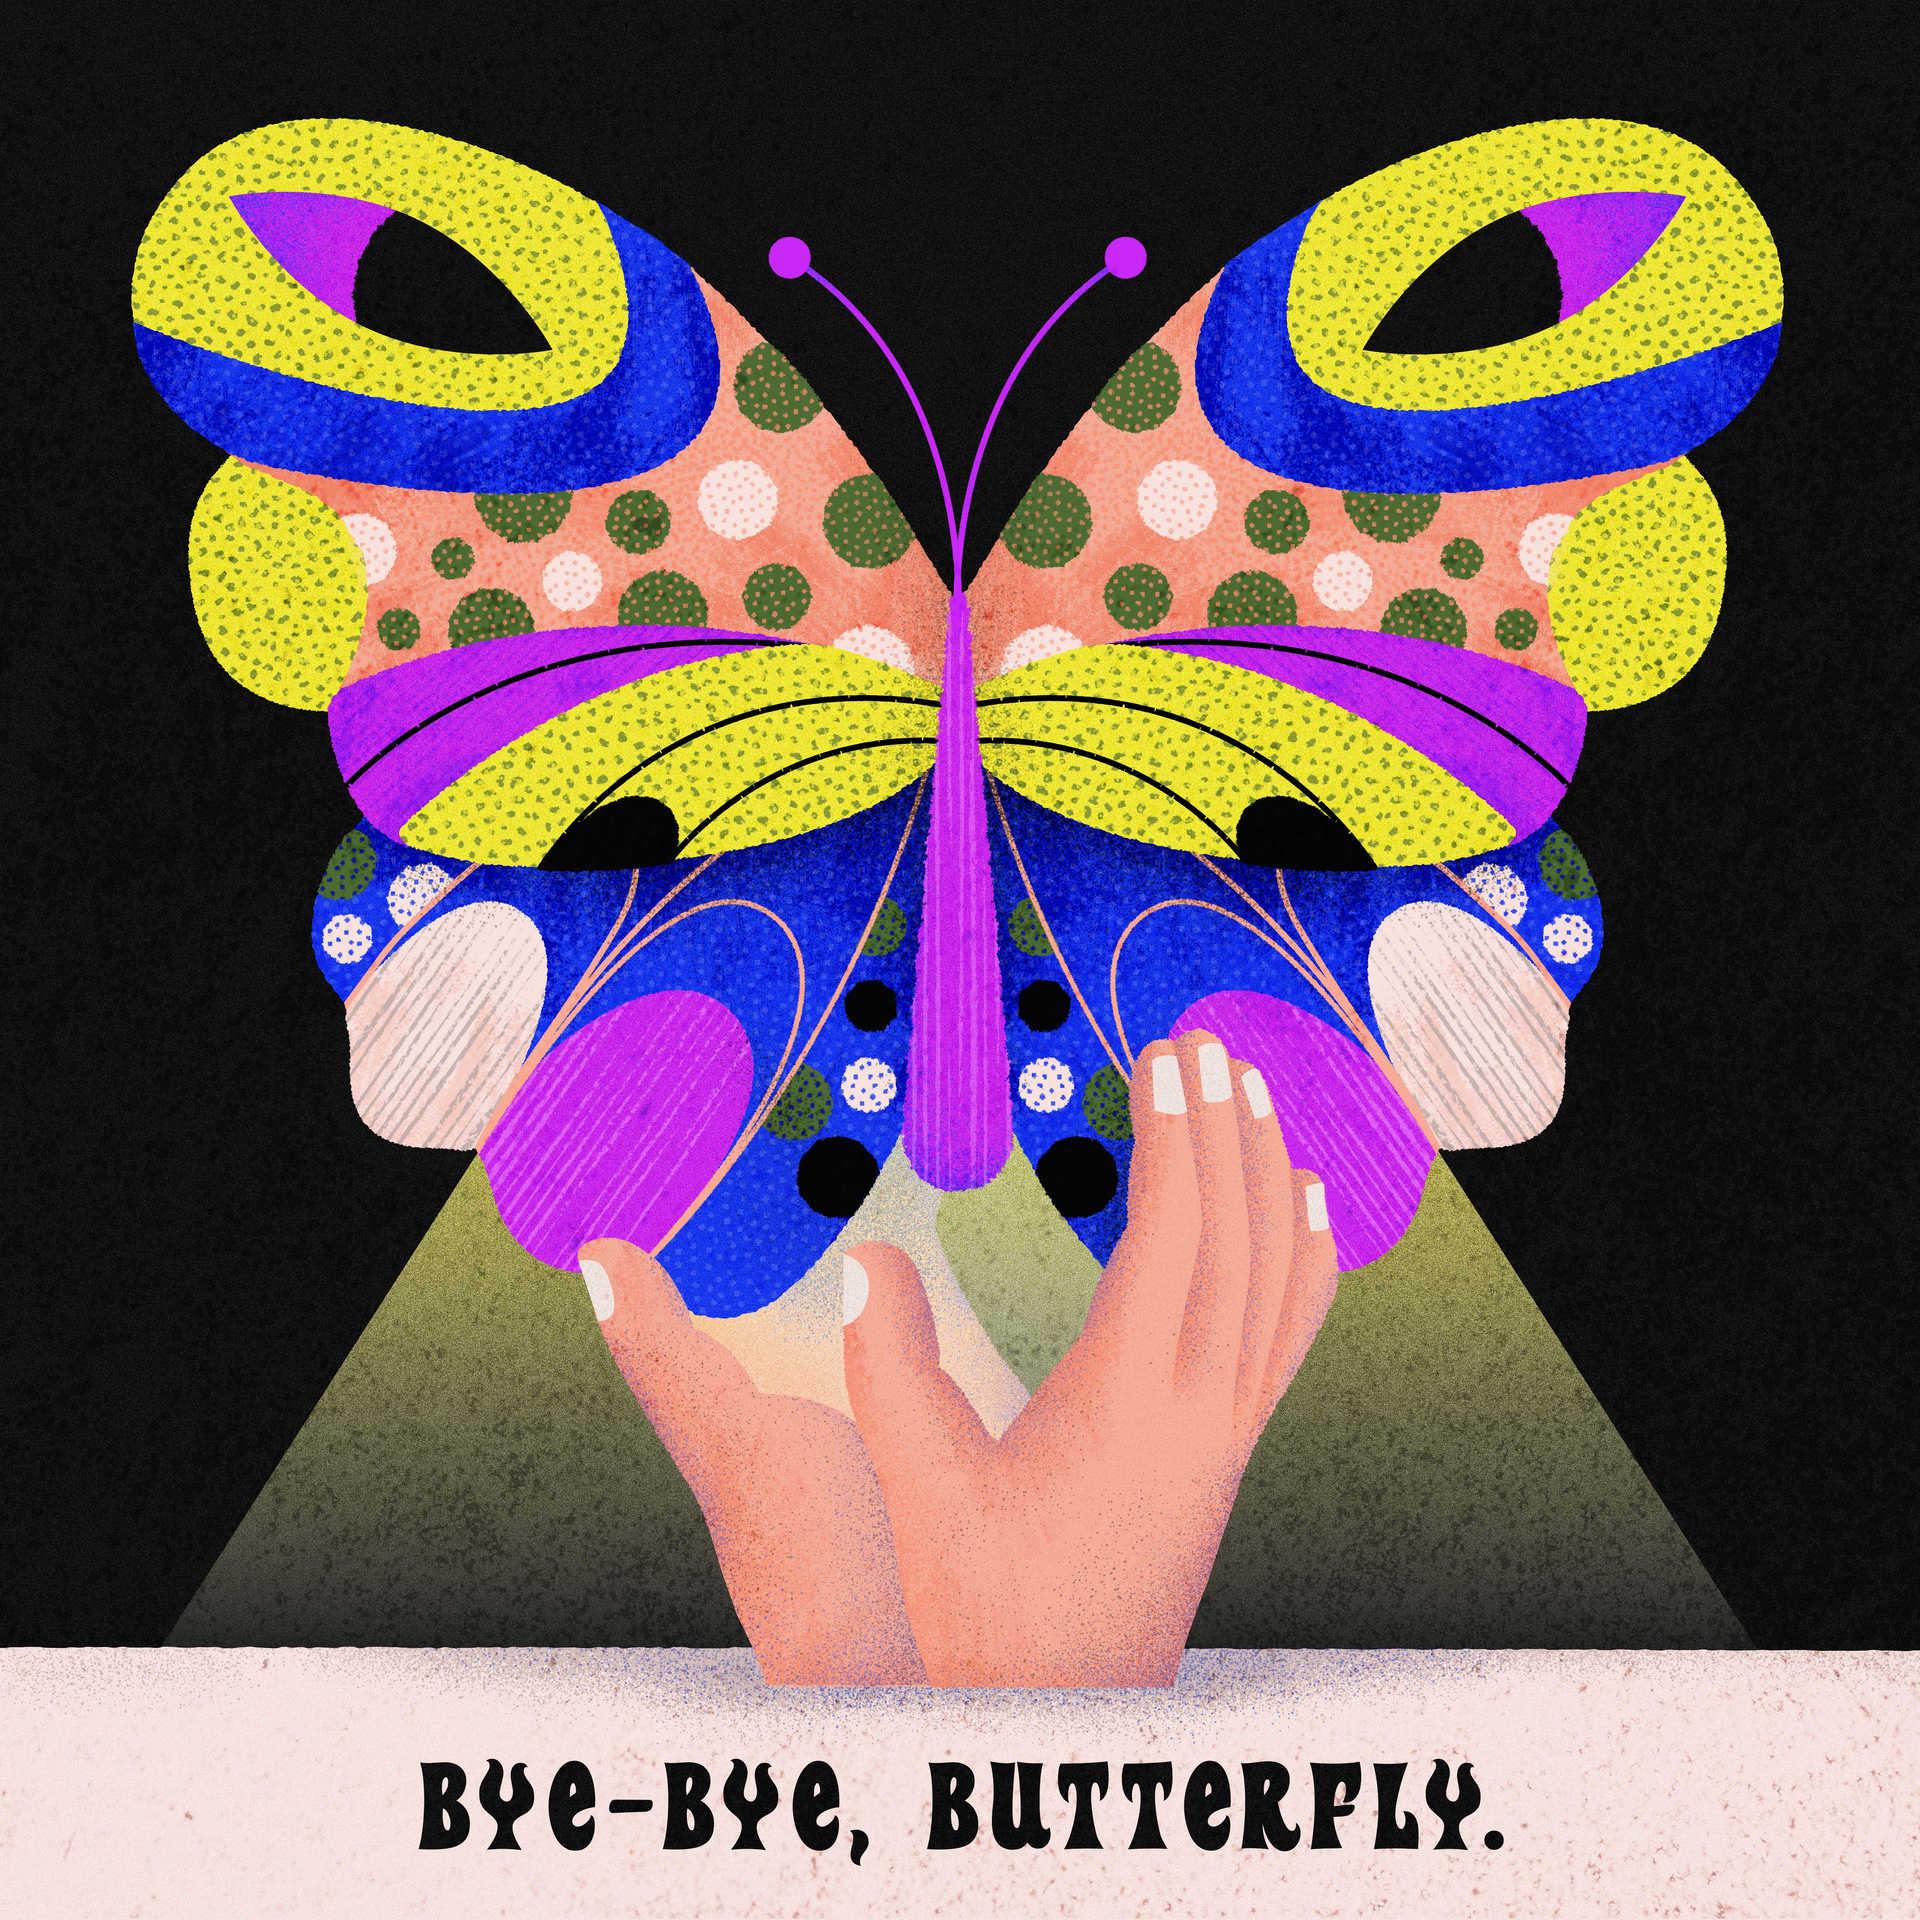 1_Texture_Butterfly.jpg